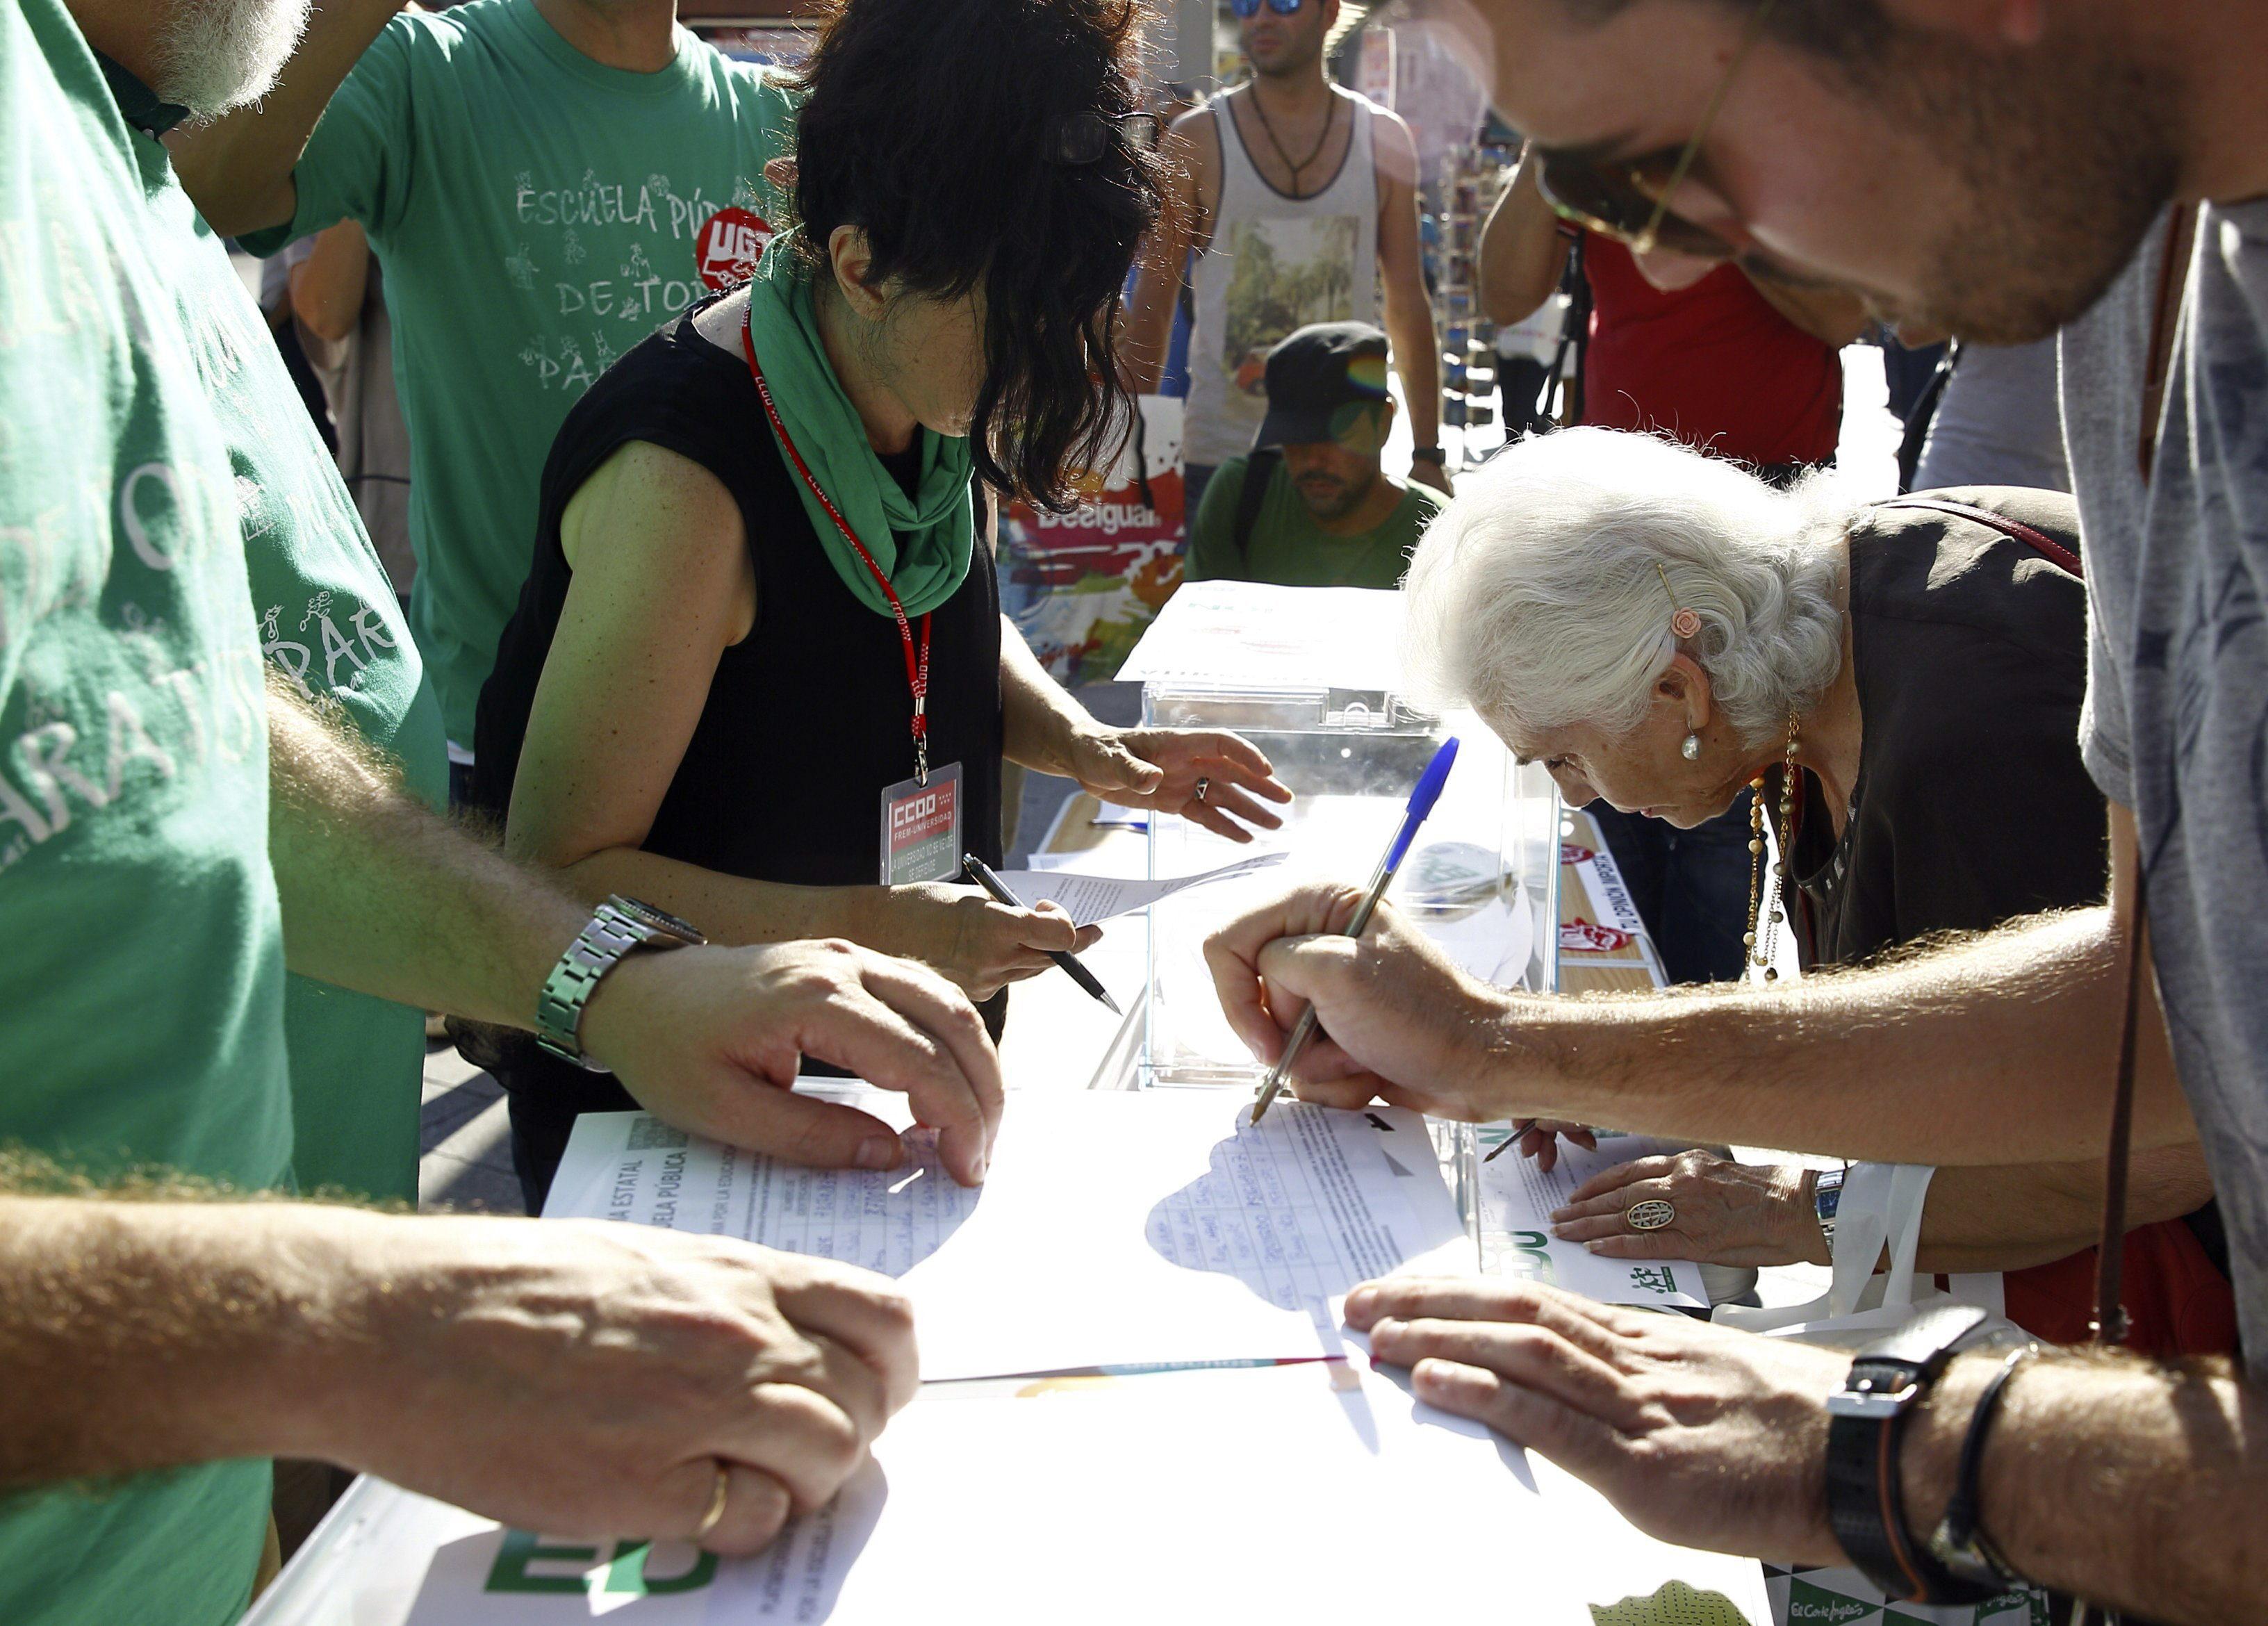 La escuela pública entrega hoy en Moncloa resultados de su consulta ciudadana